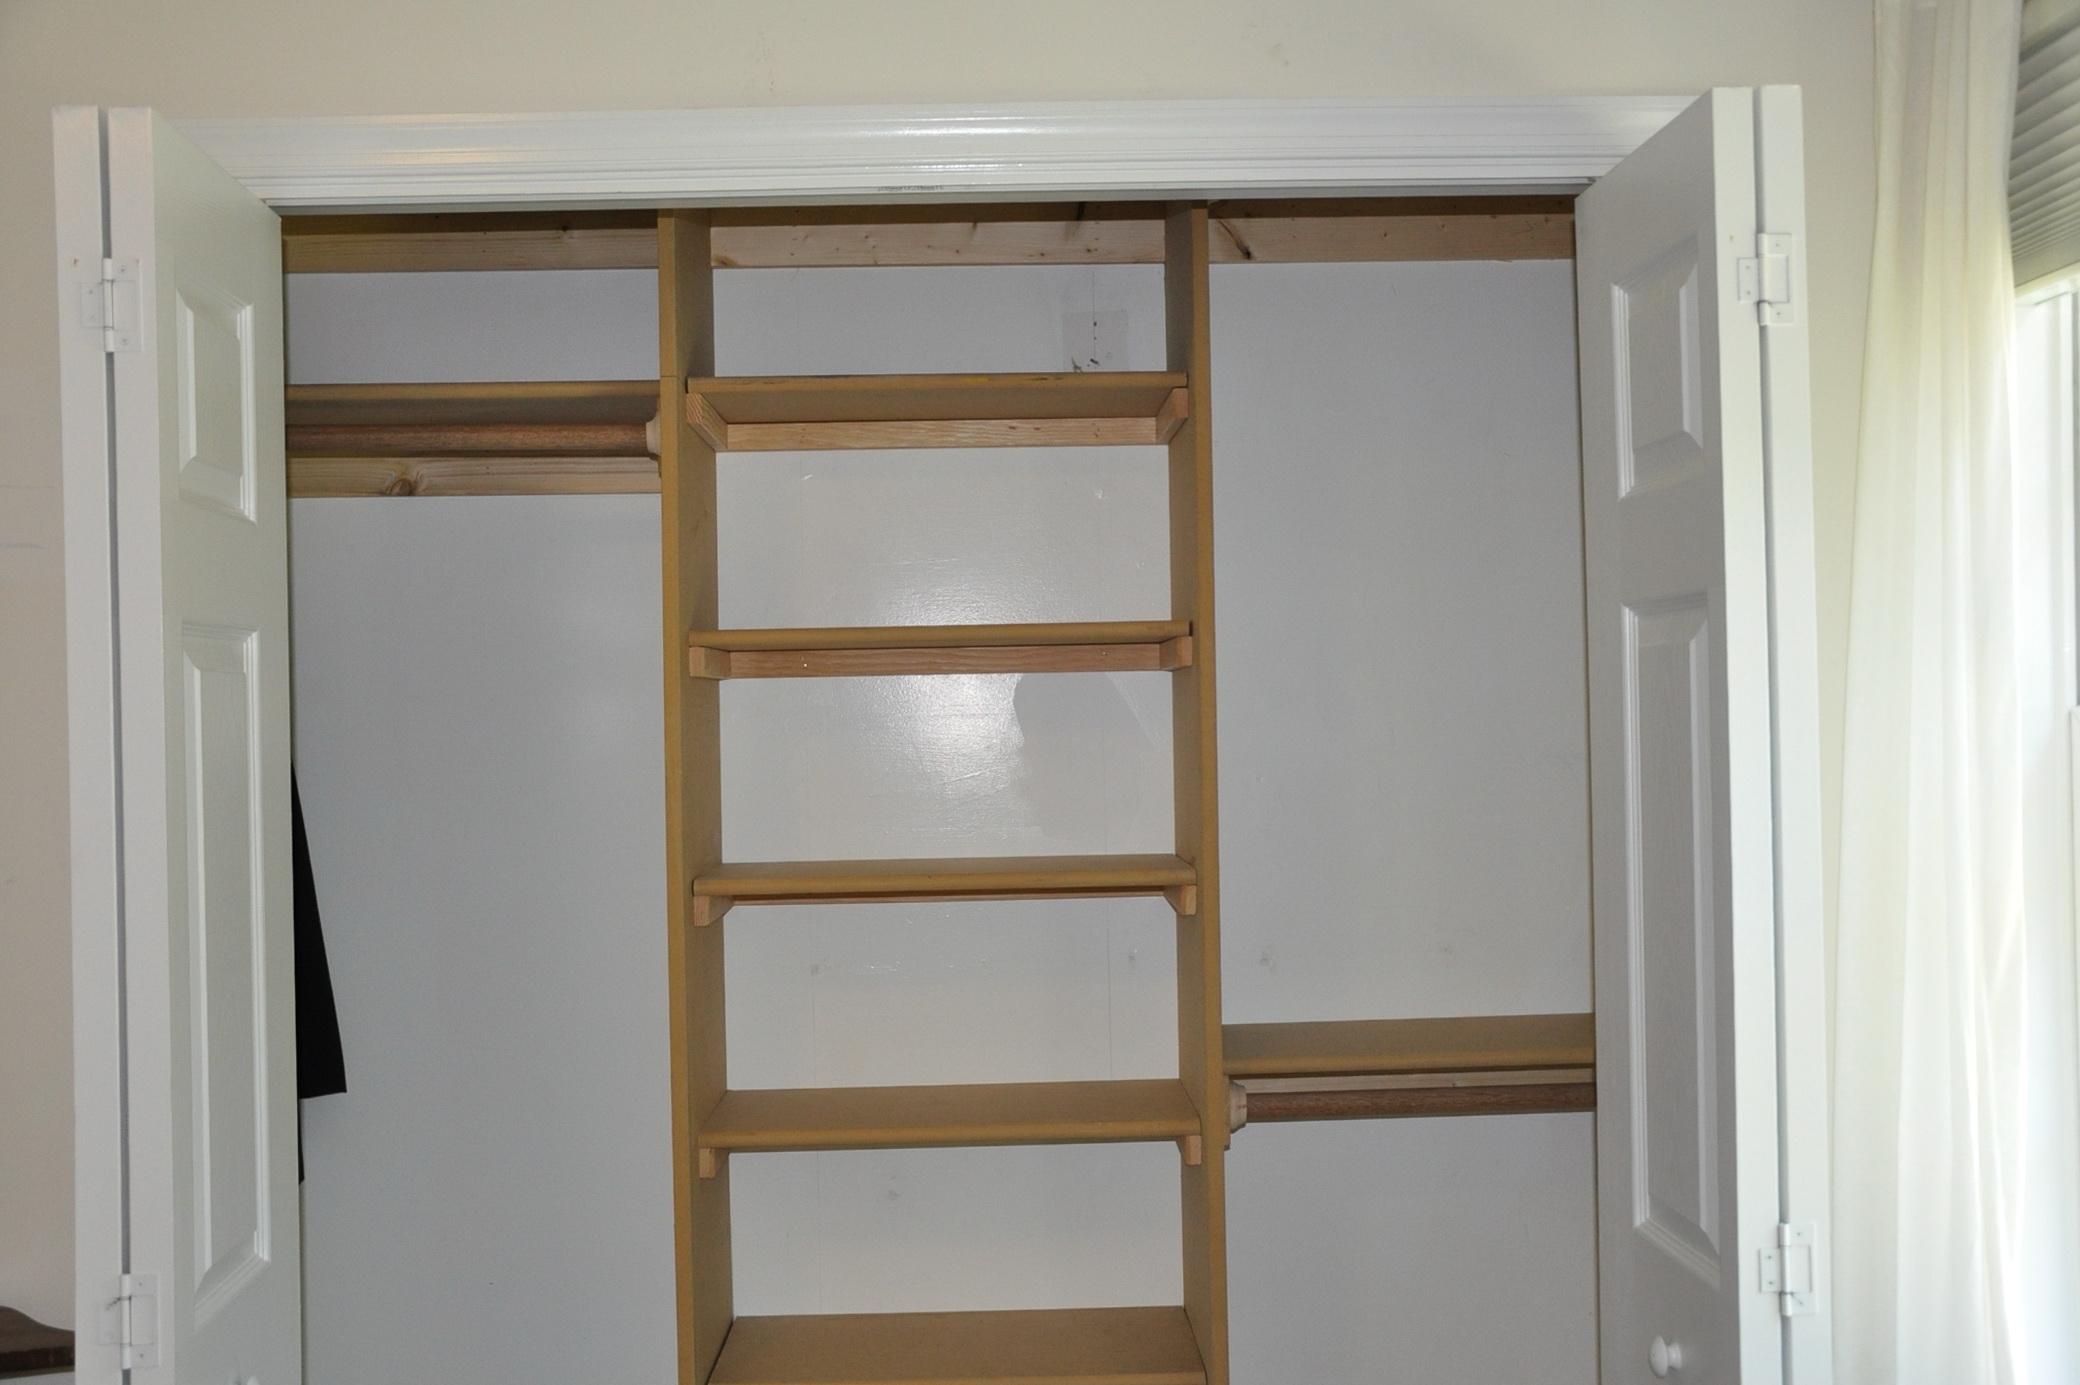 Closet Design Tool Rubbermaid Home Design Ideas